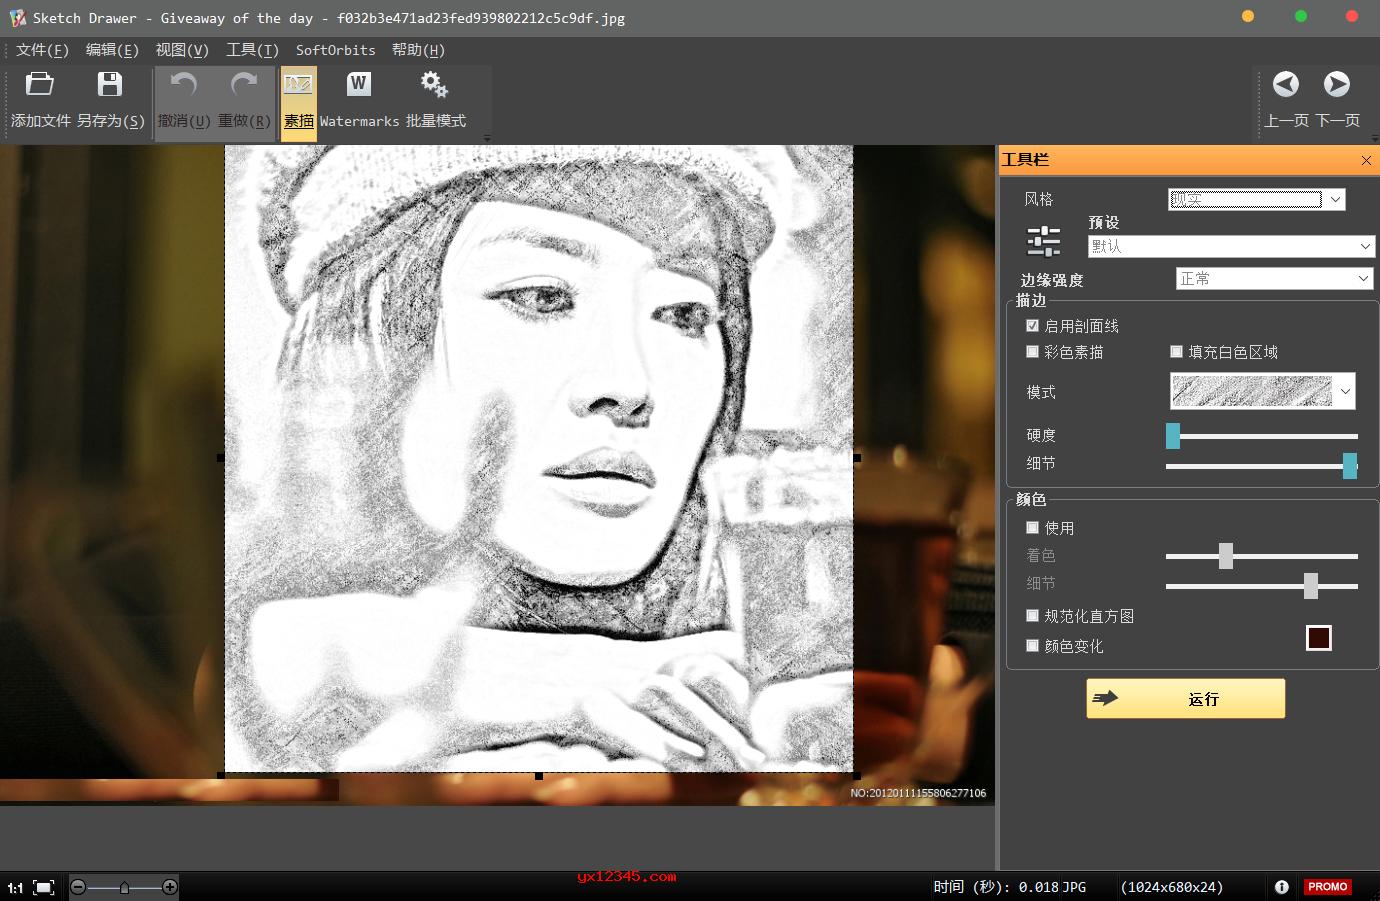 sketch drawer中文版主界面截图